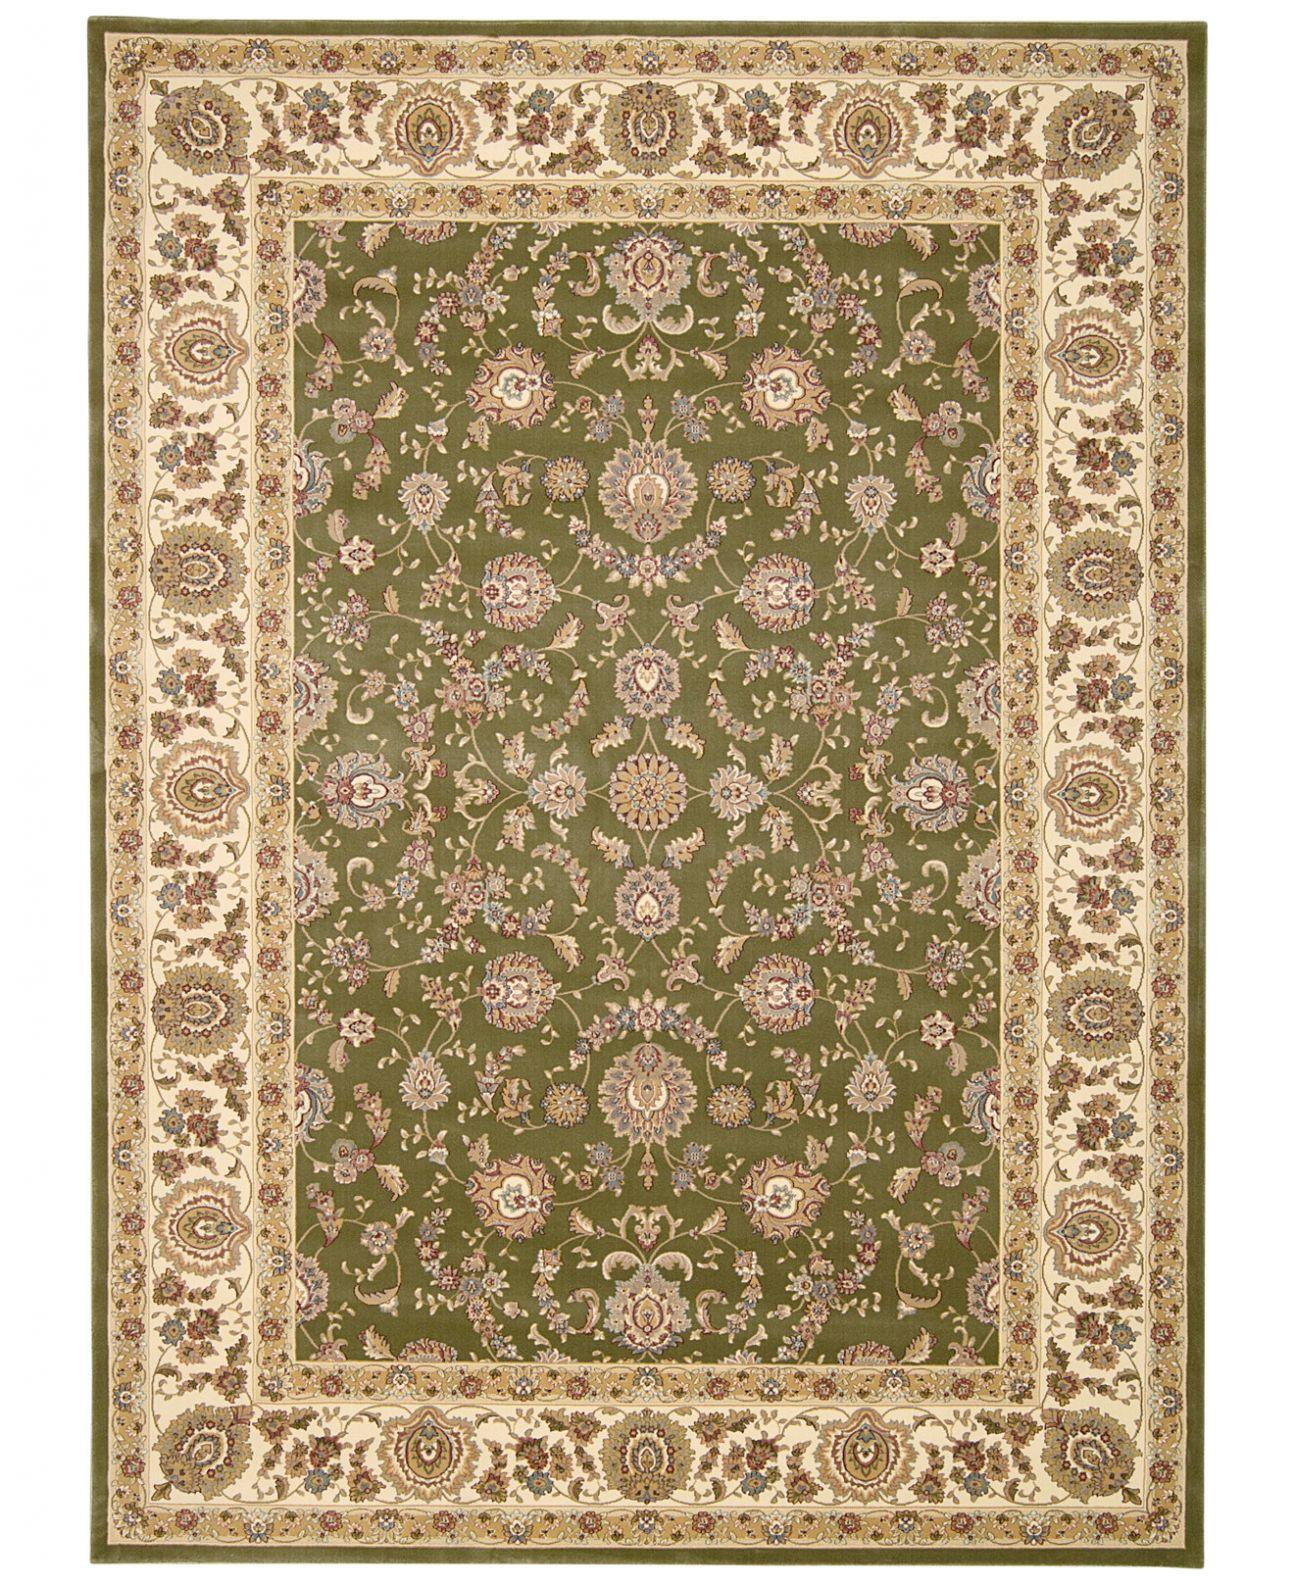 kathy ireland rugs photo 3 of 10 full image for trendy shaw area rugs kathy ireland YJPSLRS